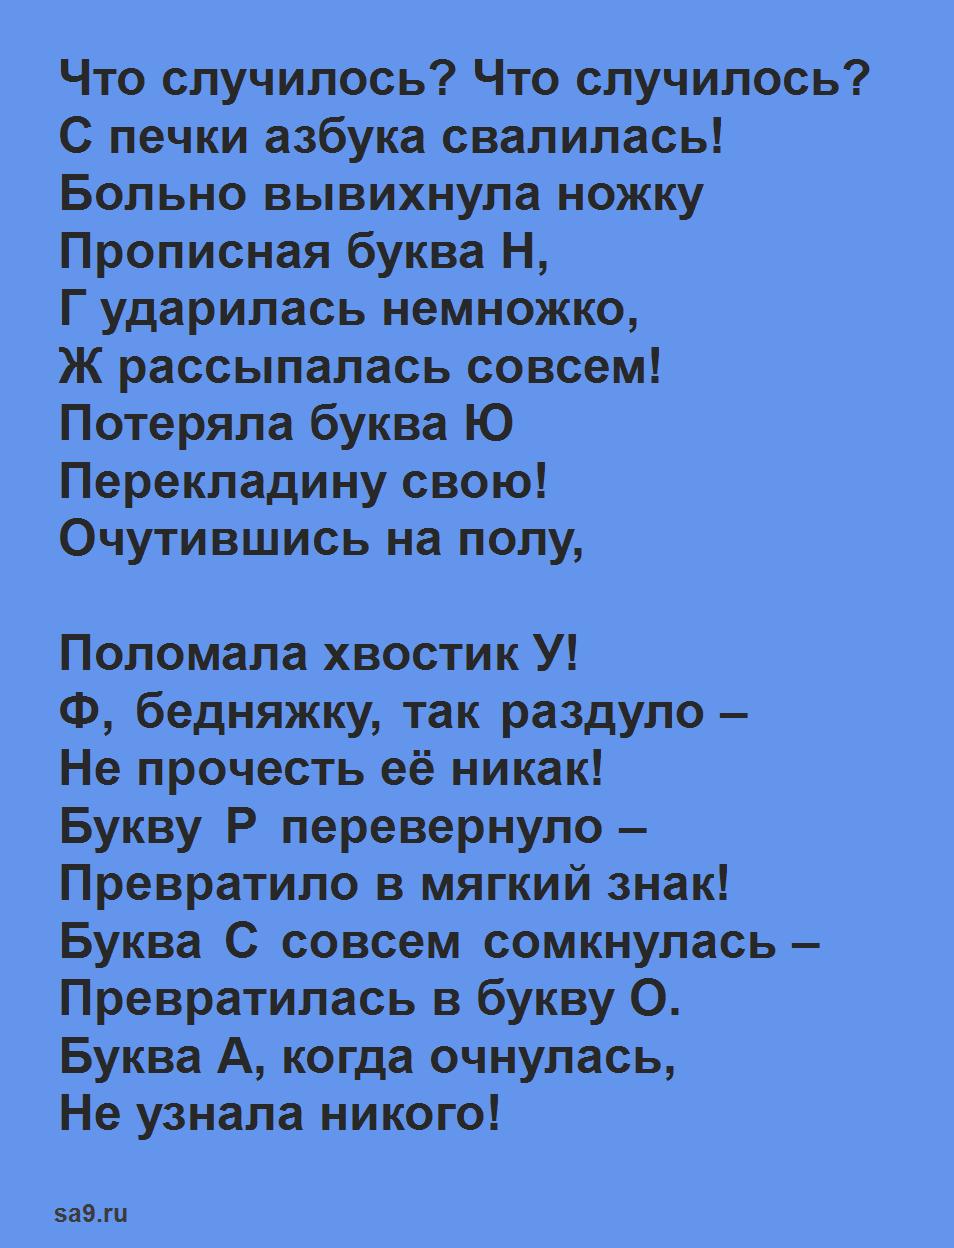 Детские стихи Михалкова для школьников - Азбука